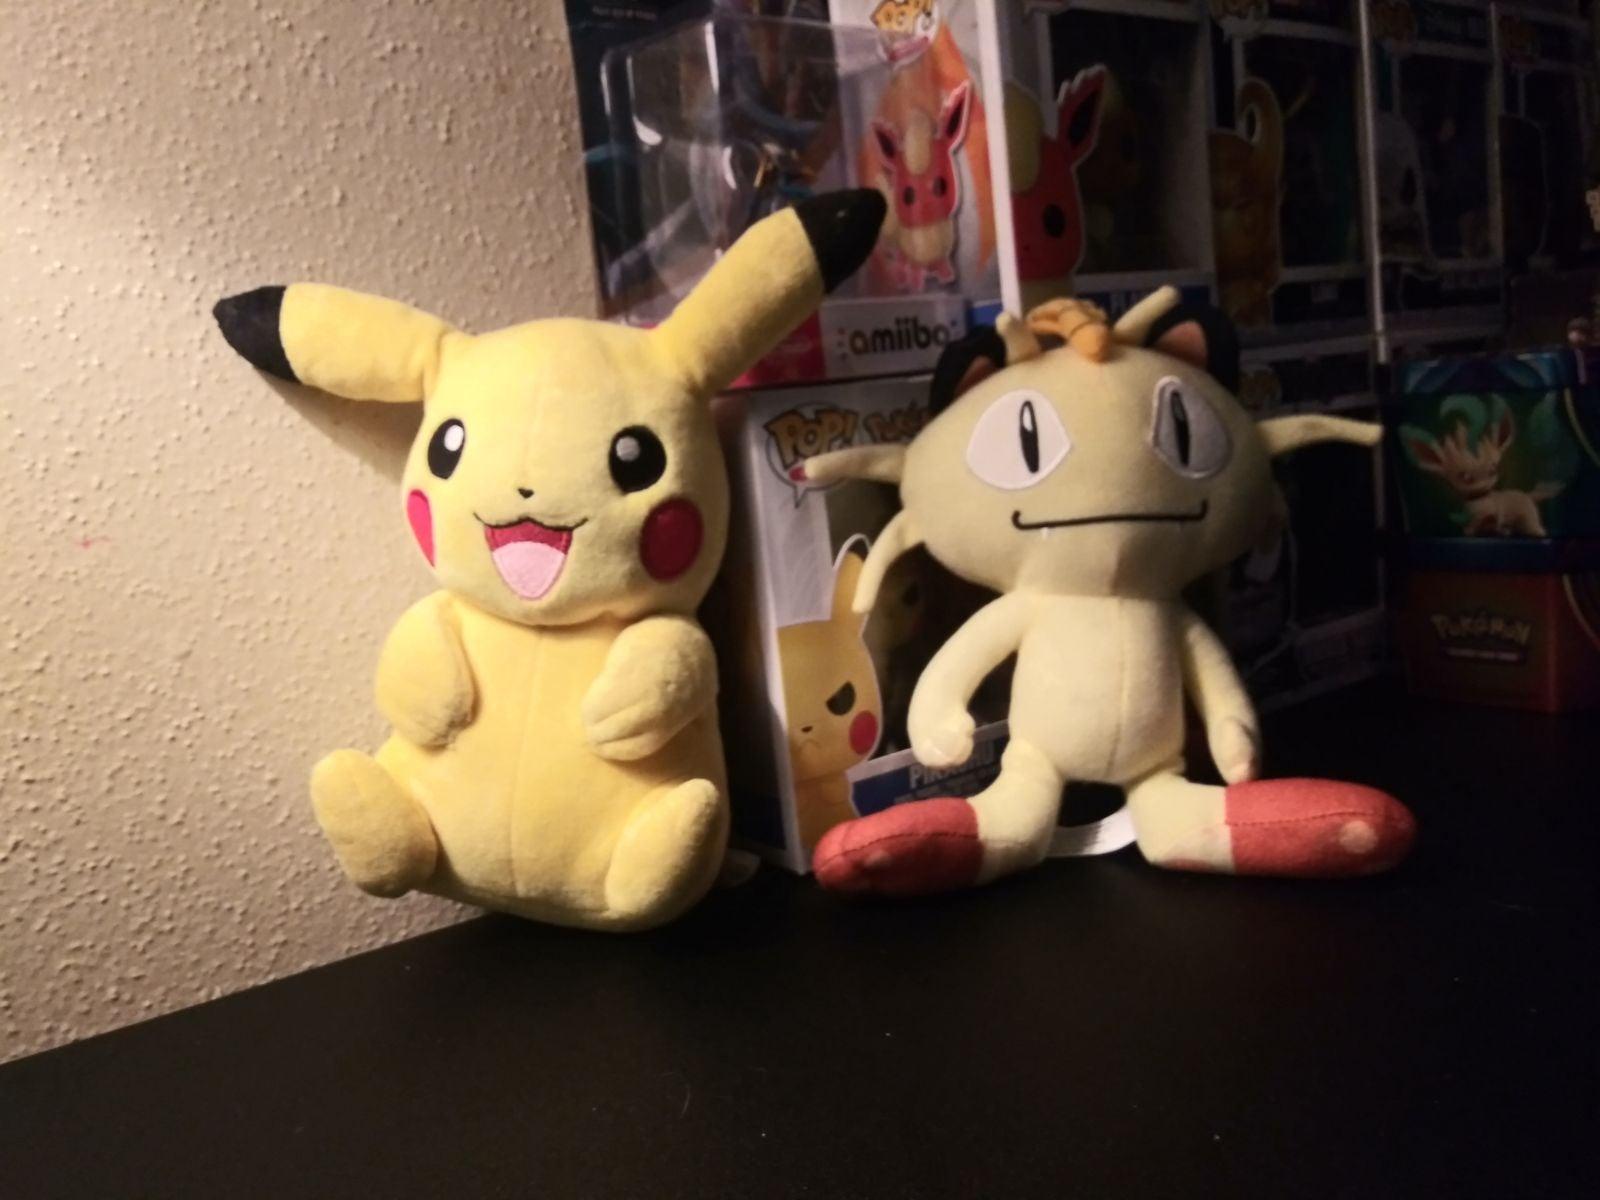 Pokèmon: Pikachu + Meowth Plush